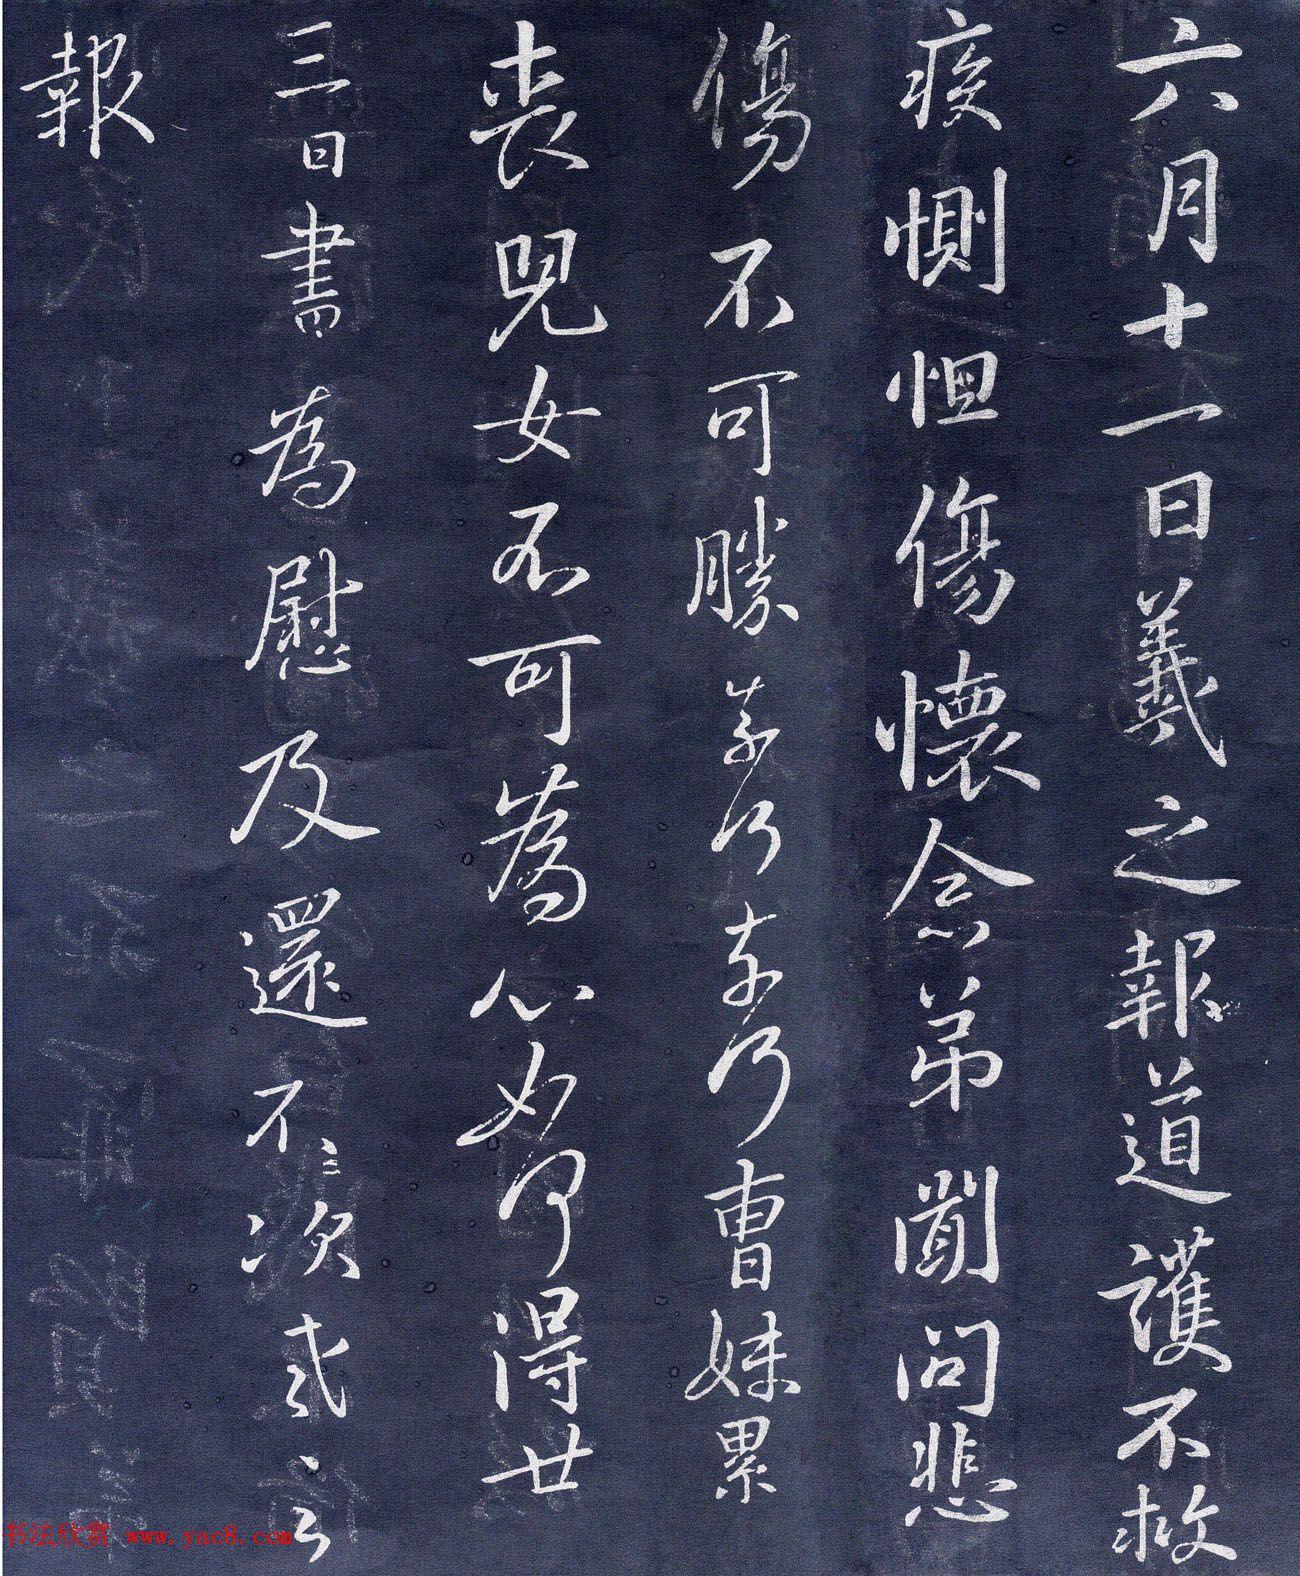 王羲之行书欣赏《道护帖》三种